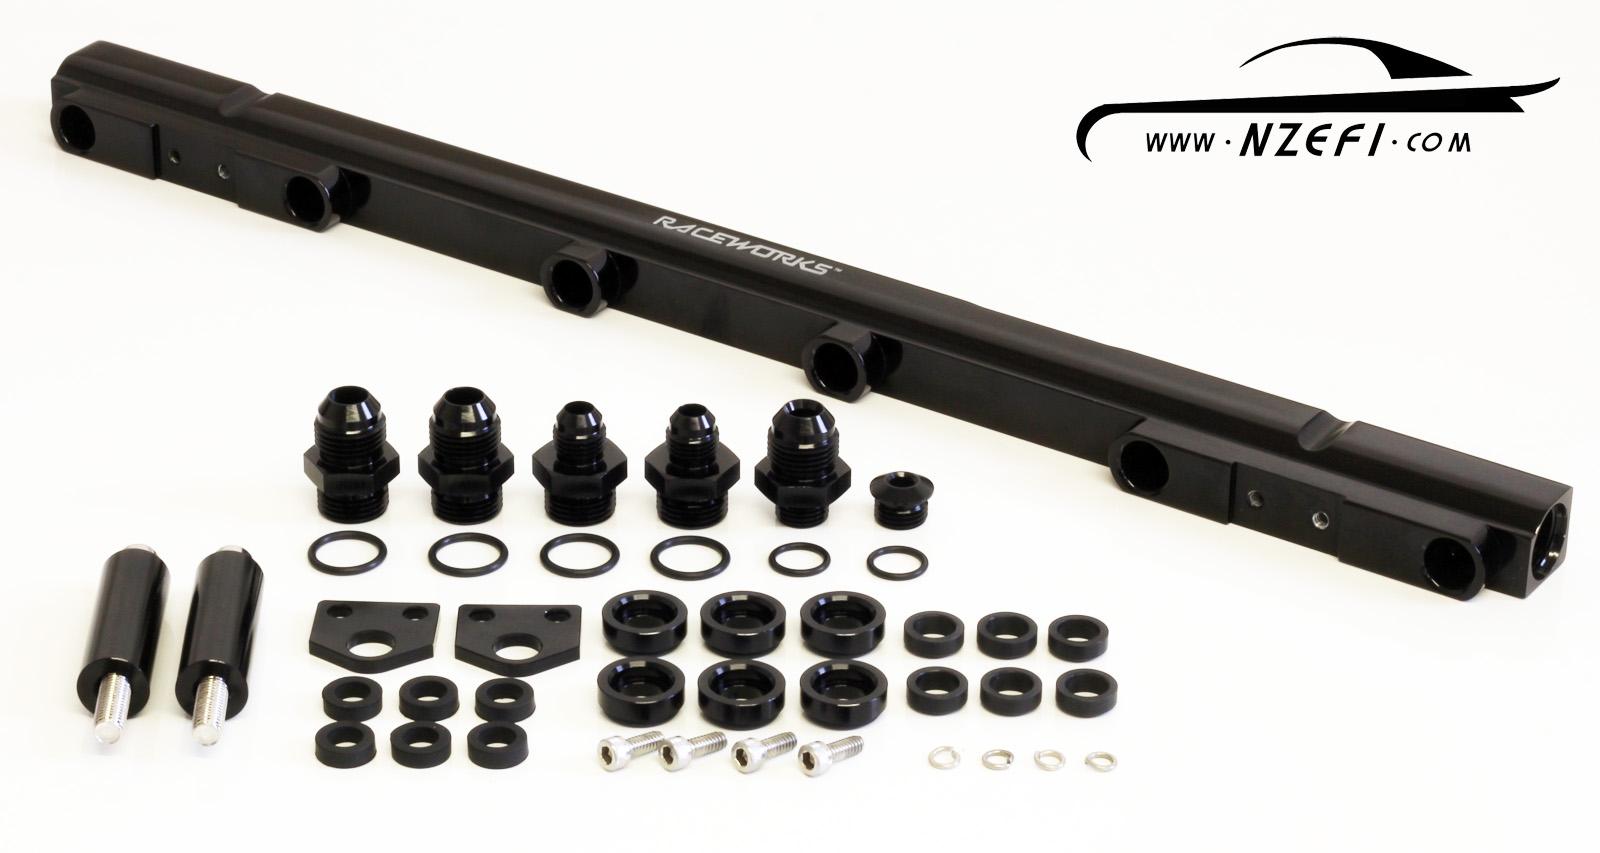 Raceworks Toyota Supra Jza80 2jz Gte Top Feed Fuel Rail Kit Nzefi Wiring Harness Supera